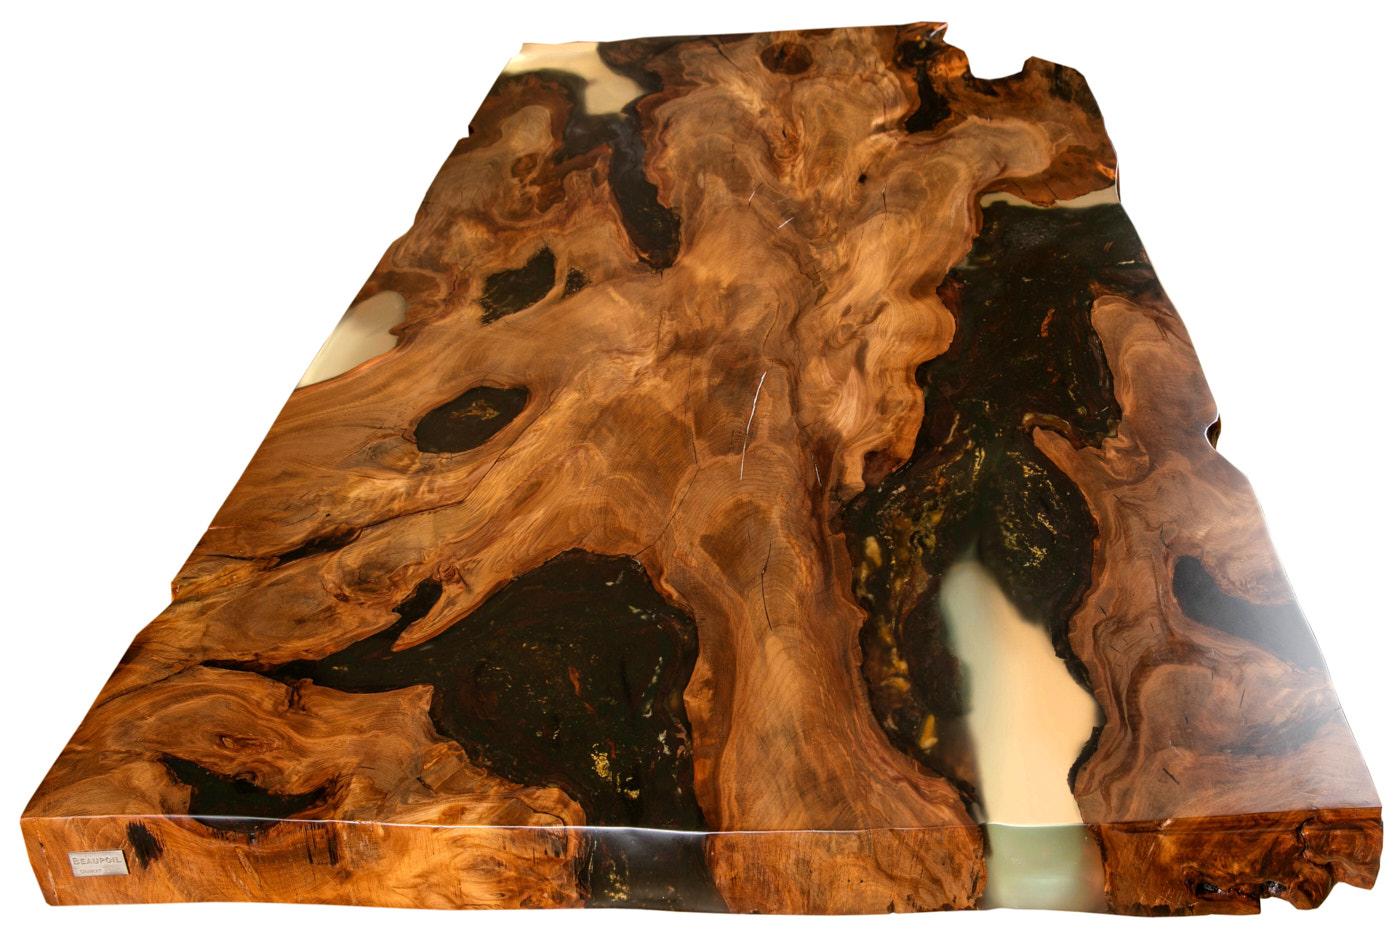 Kauri Holztisch ist ein Unikat Esstisch und wertvolle Sachwertanlage oder exklusive Wertanlage,  hochwertige Tischplatte, Geldanlage kostbares Einzelstück